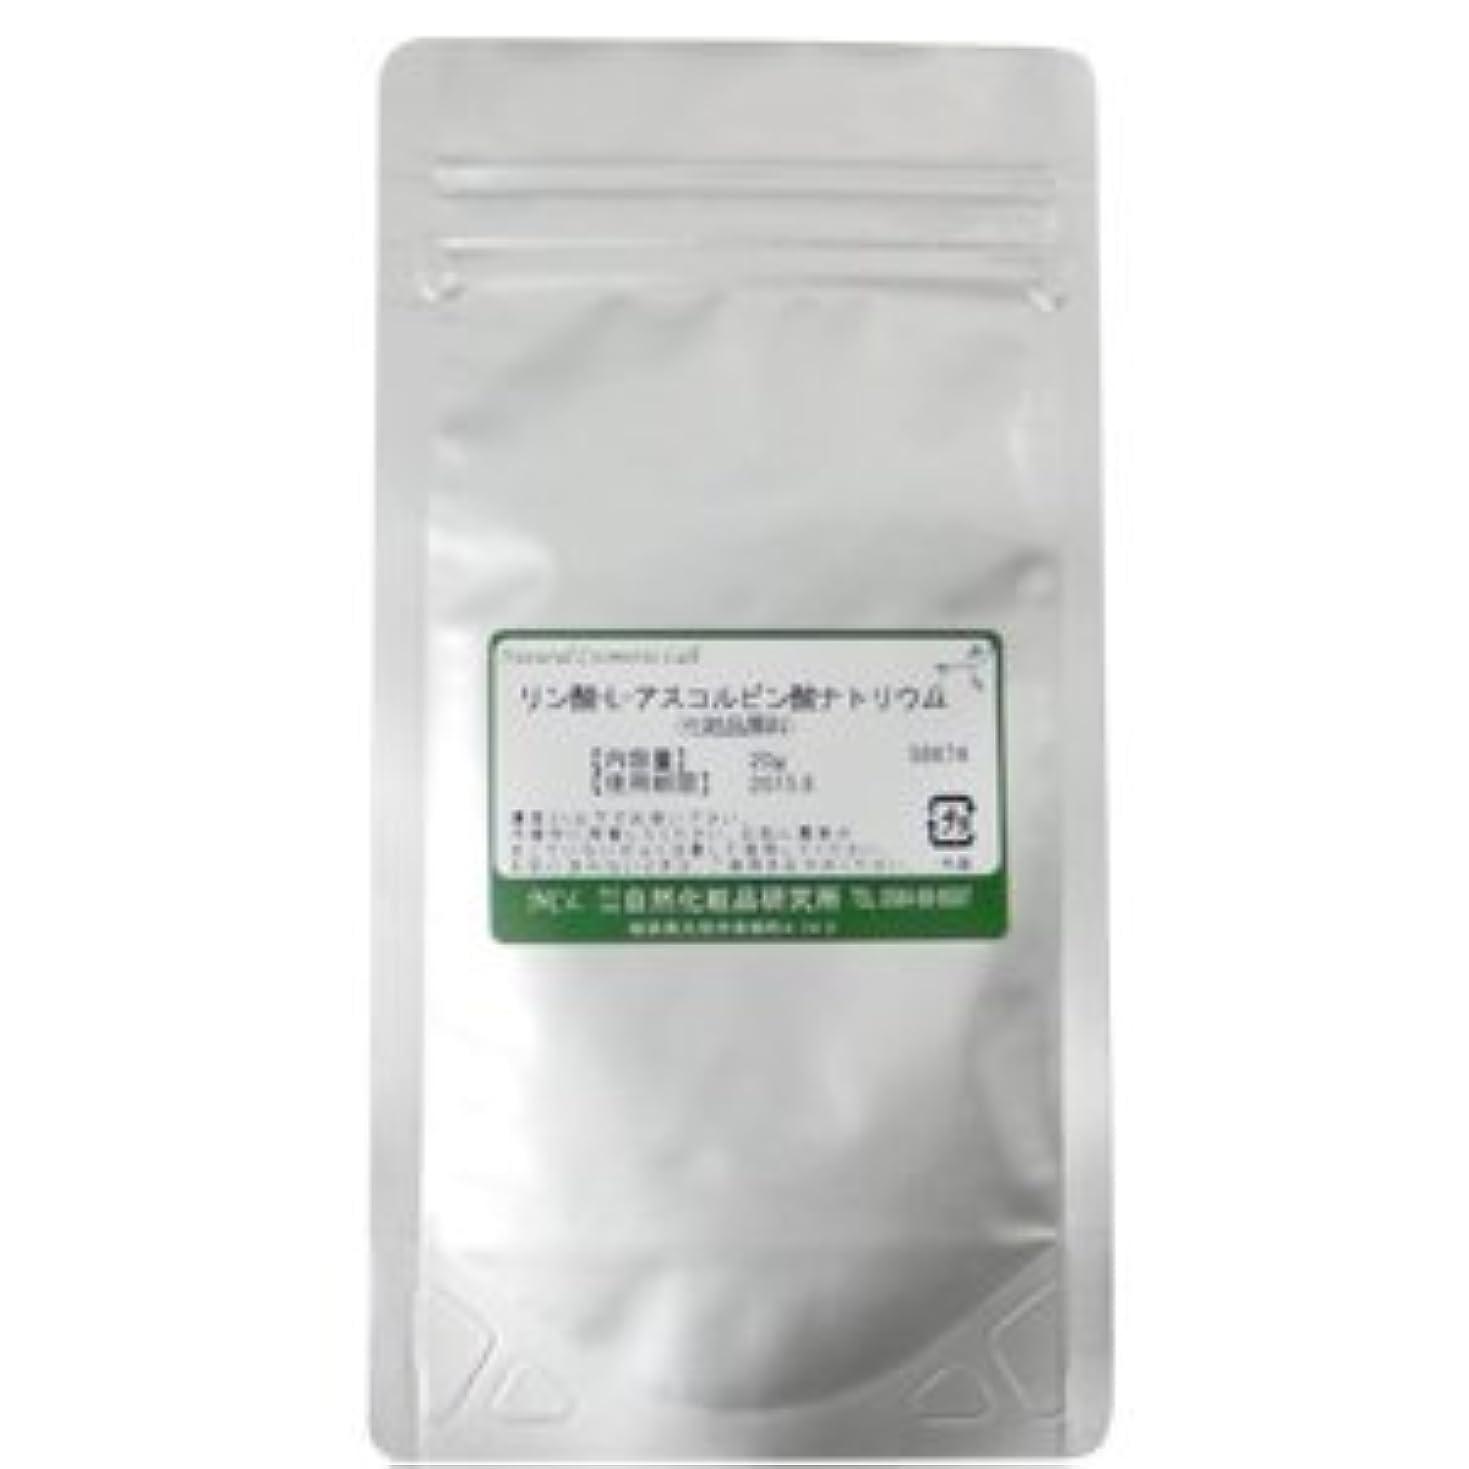 機動推進ケープビタミンC誘導体 リン酸-L-アスコルビン酸ナトリウム 化粧品原料 20g